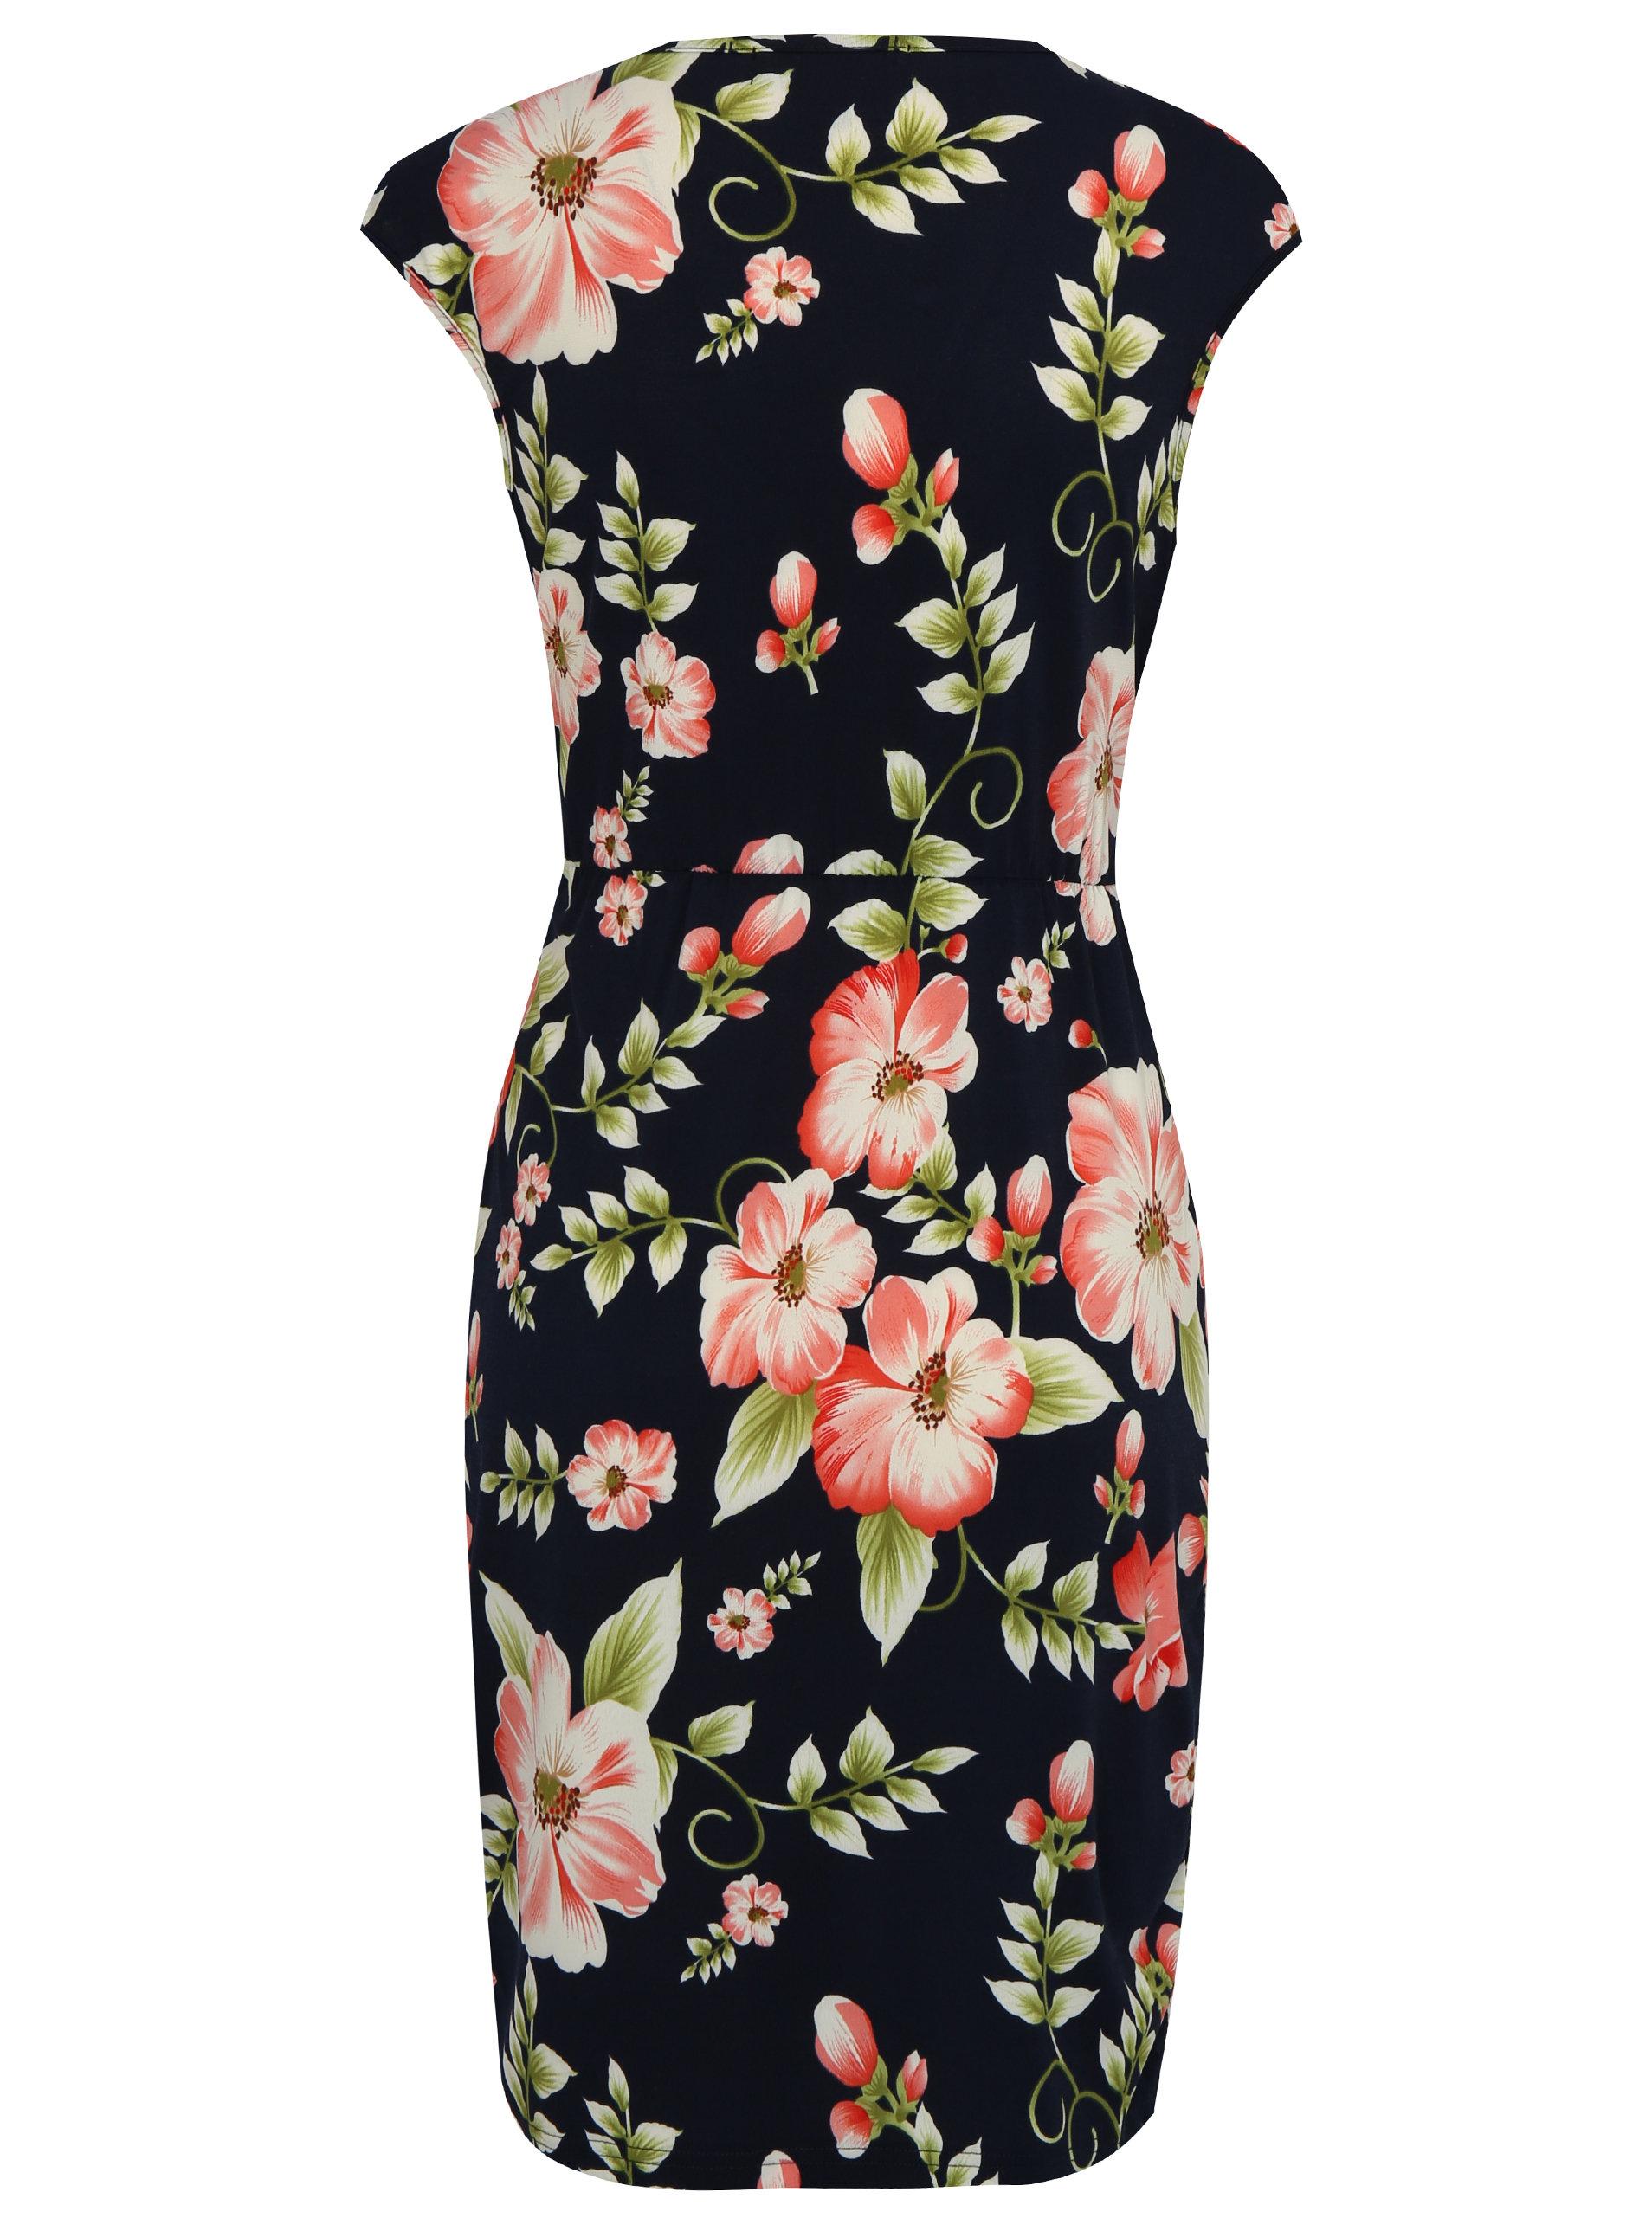 Tmavomodré kvetované šaty s kovovou aplikáciou Mela London ... 6342b0c41f0